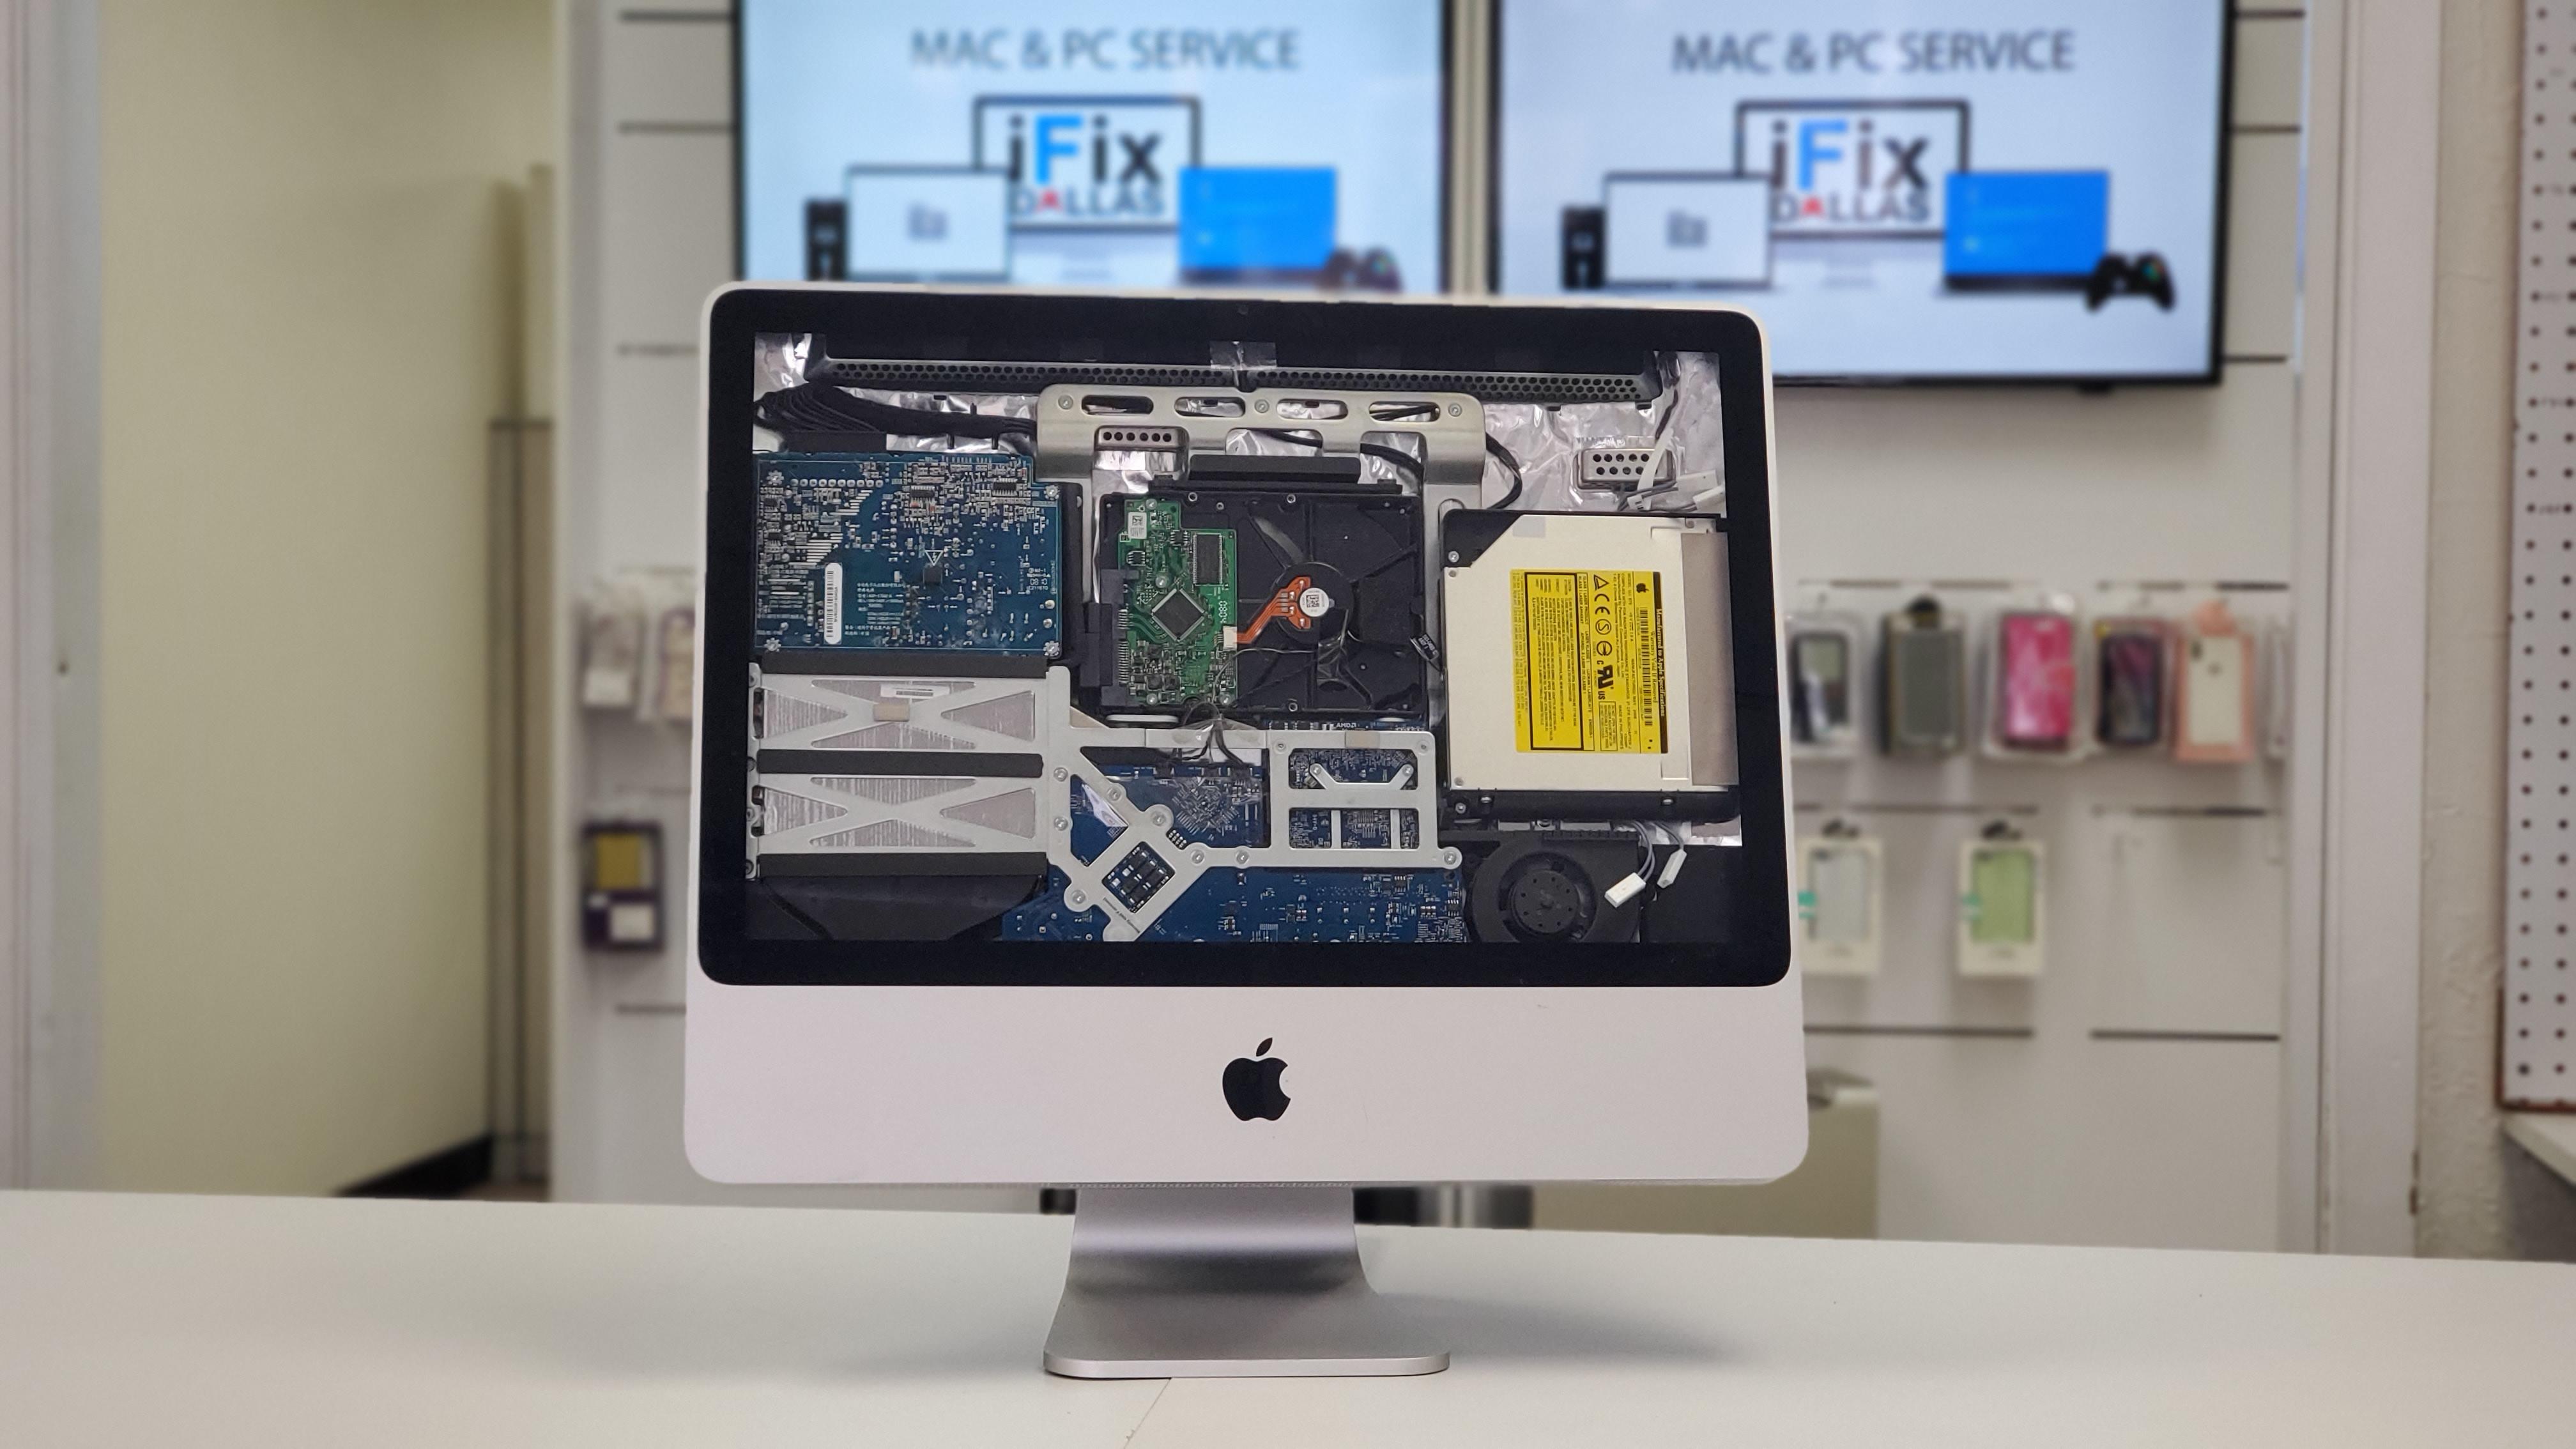 iMac repair service at ifixdallas plano